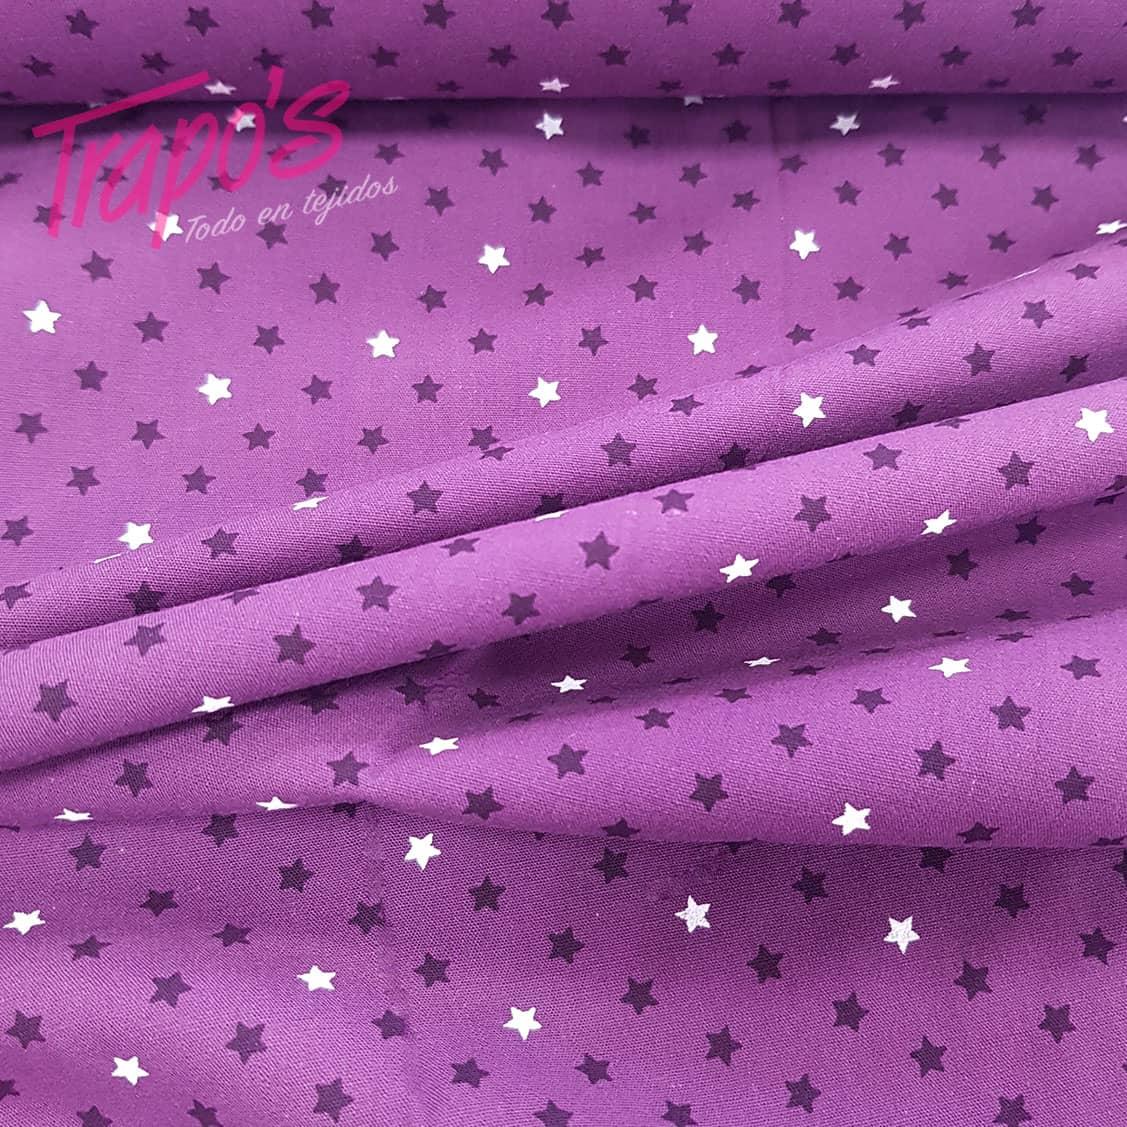 estrellas-malvas3